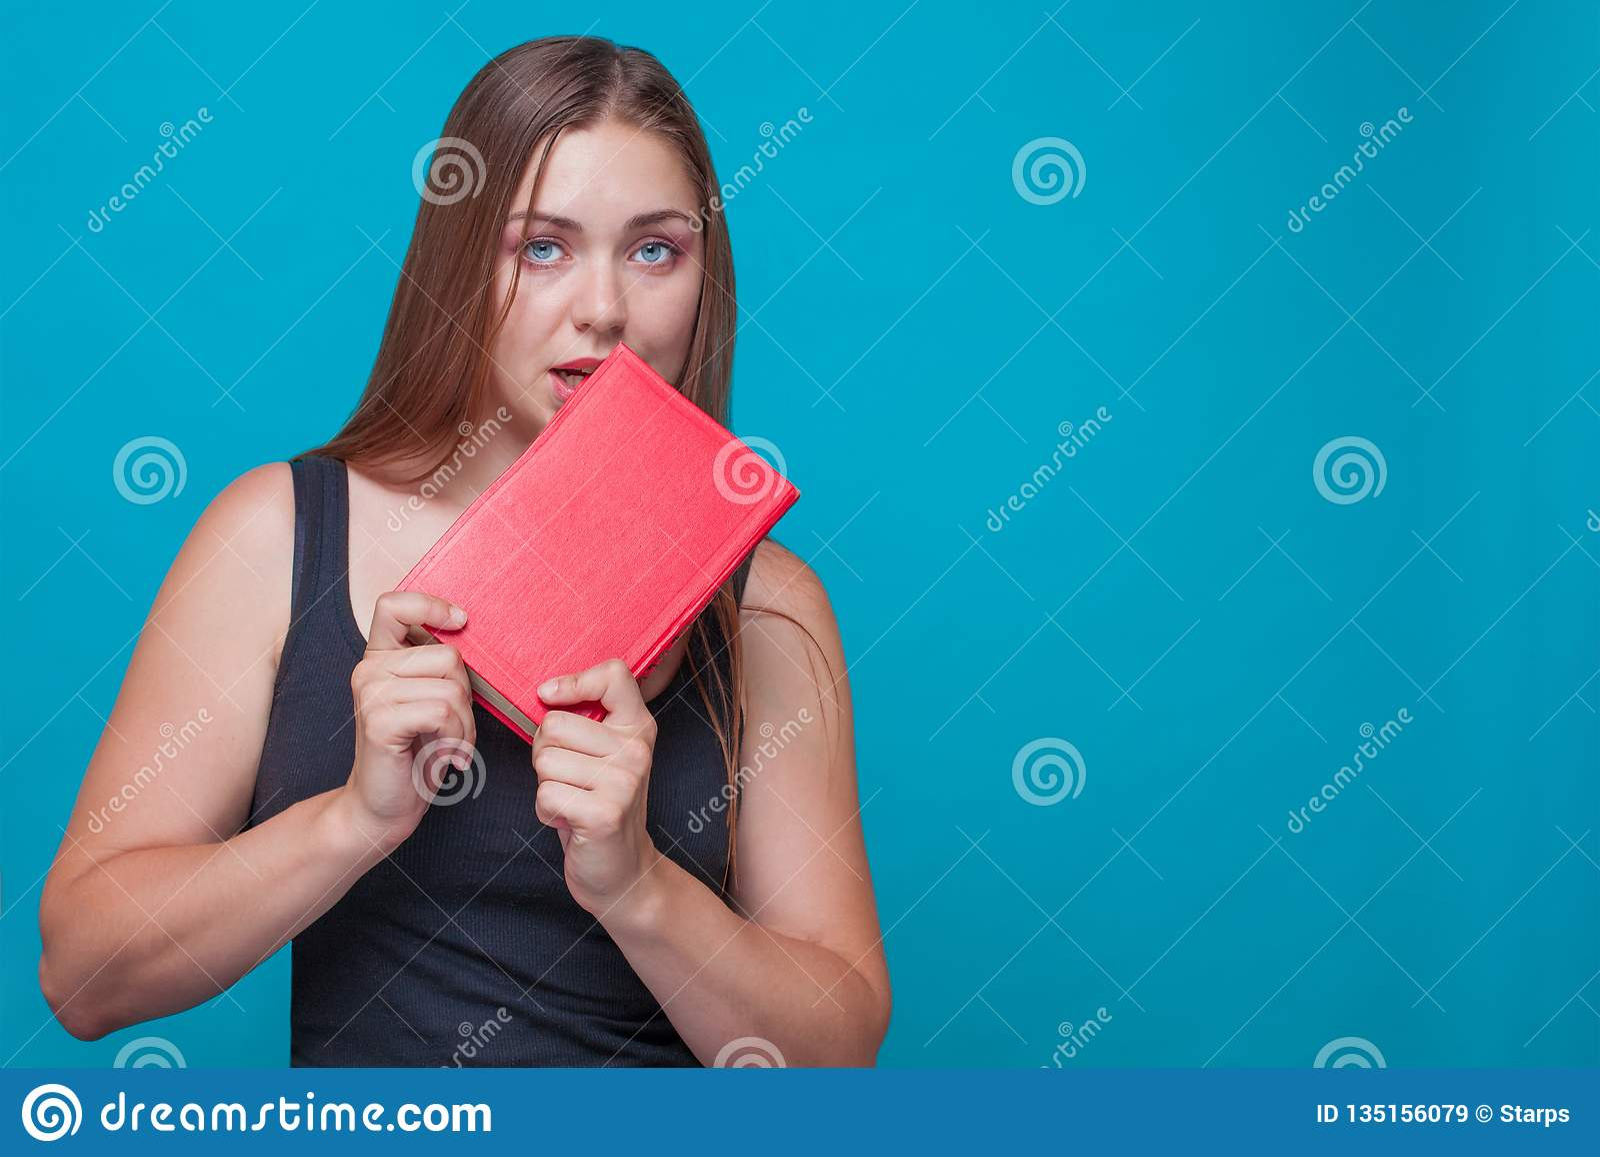 Junge hübsche Frau beißt ein rotes Buch, das in ihren Händen hält,